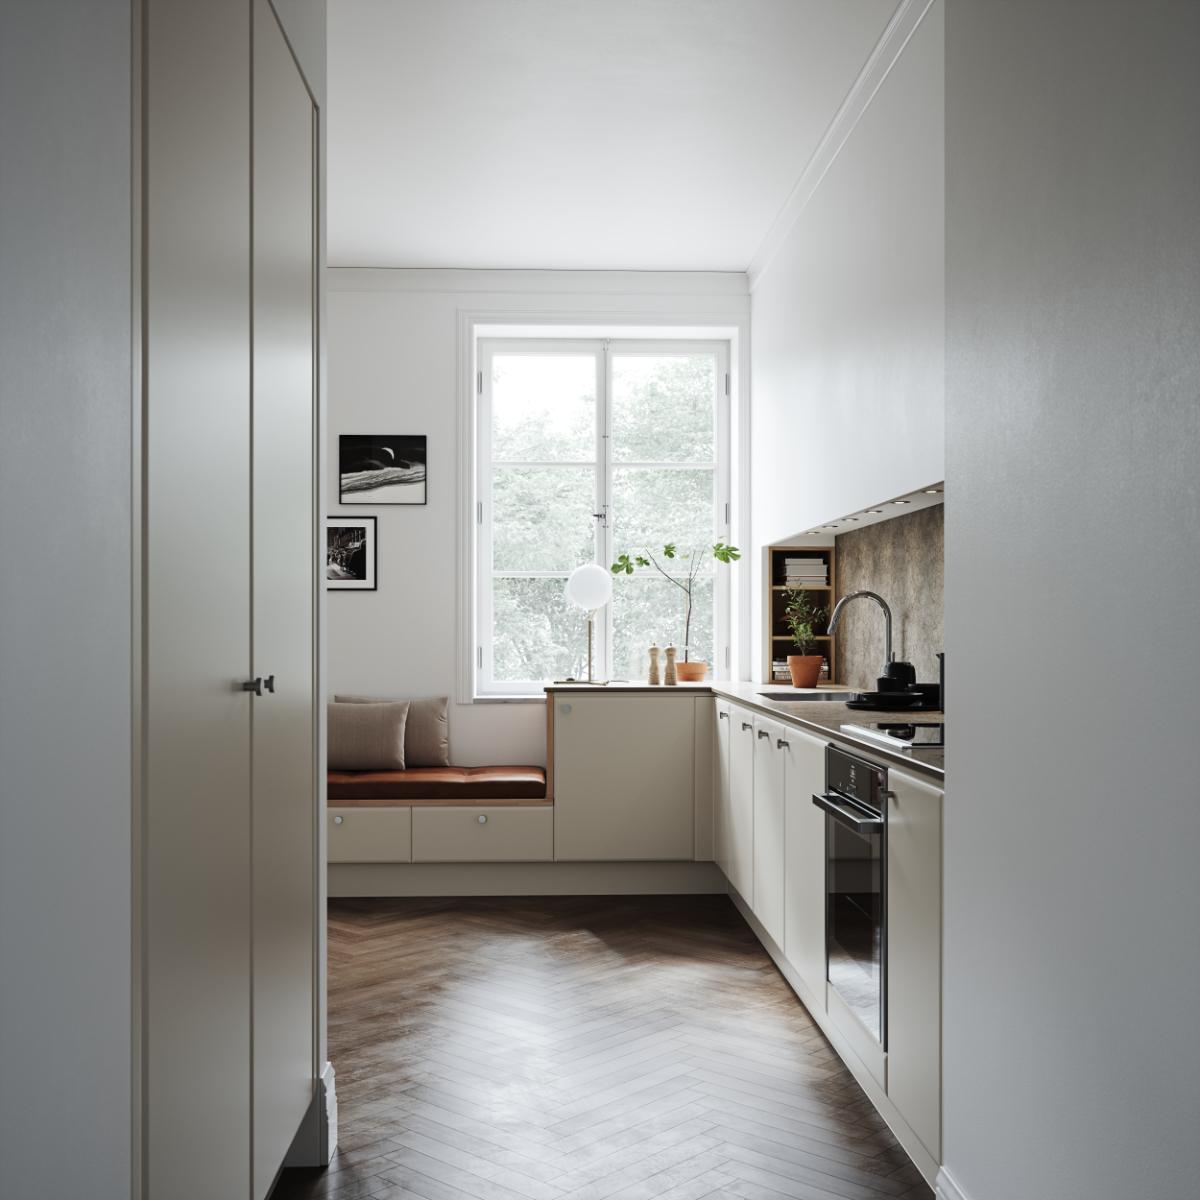 Kitchen_02_04.jpg